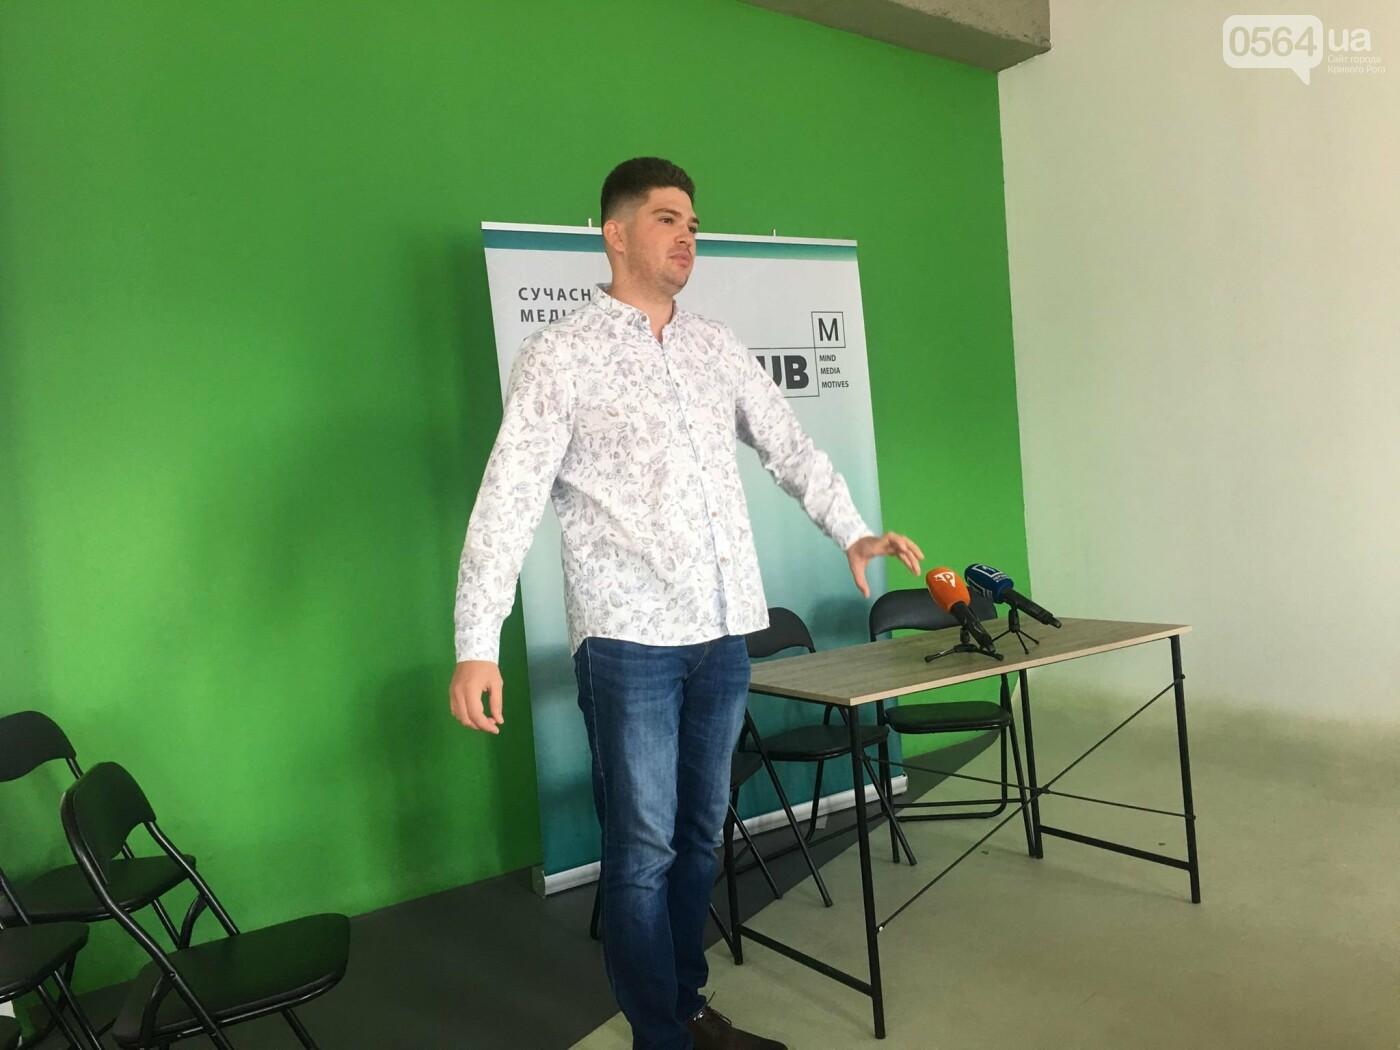 """В Кривом Роге презентовали онлайн-платформу """"Господарі"""", - ФОТО, ВИДЕО , фото-1"""